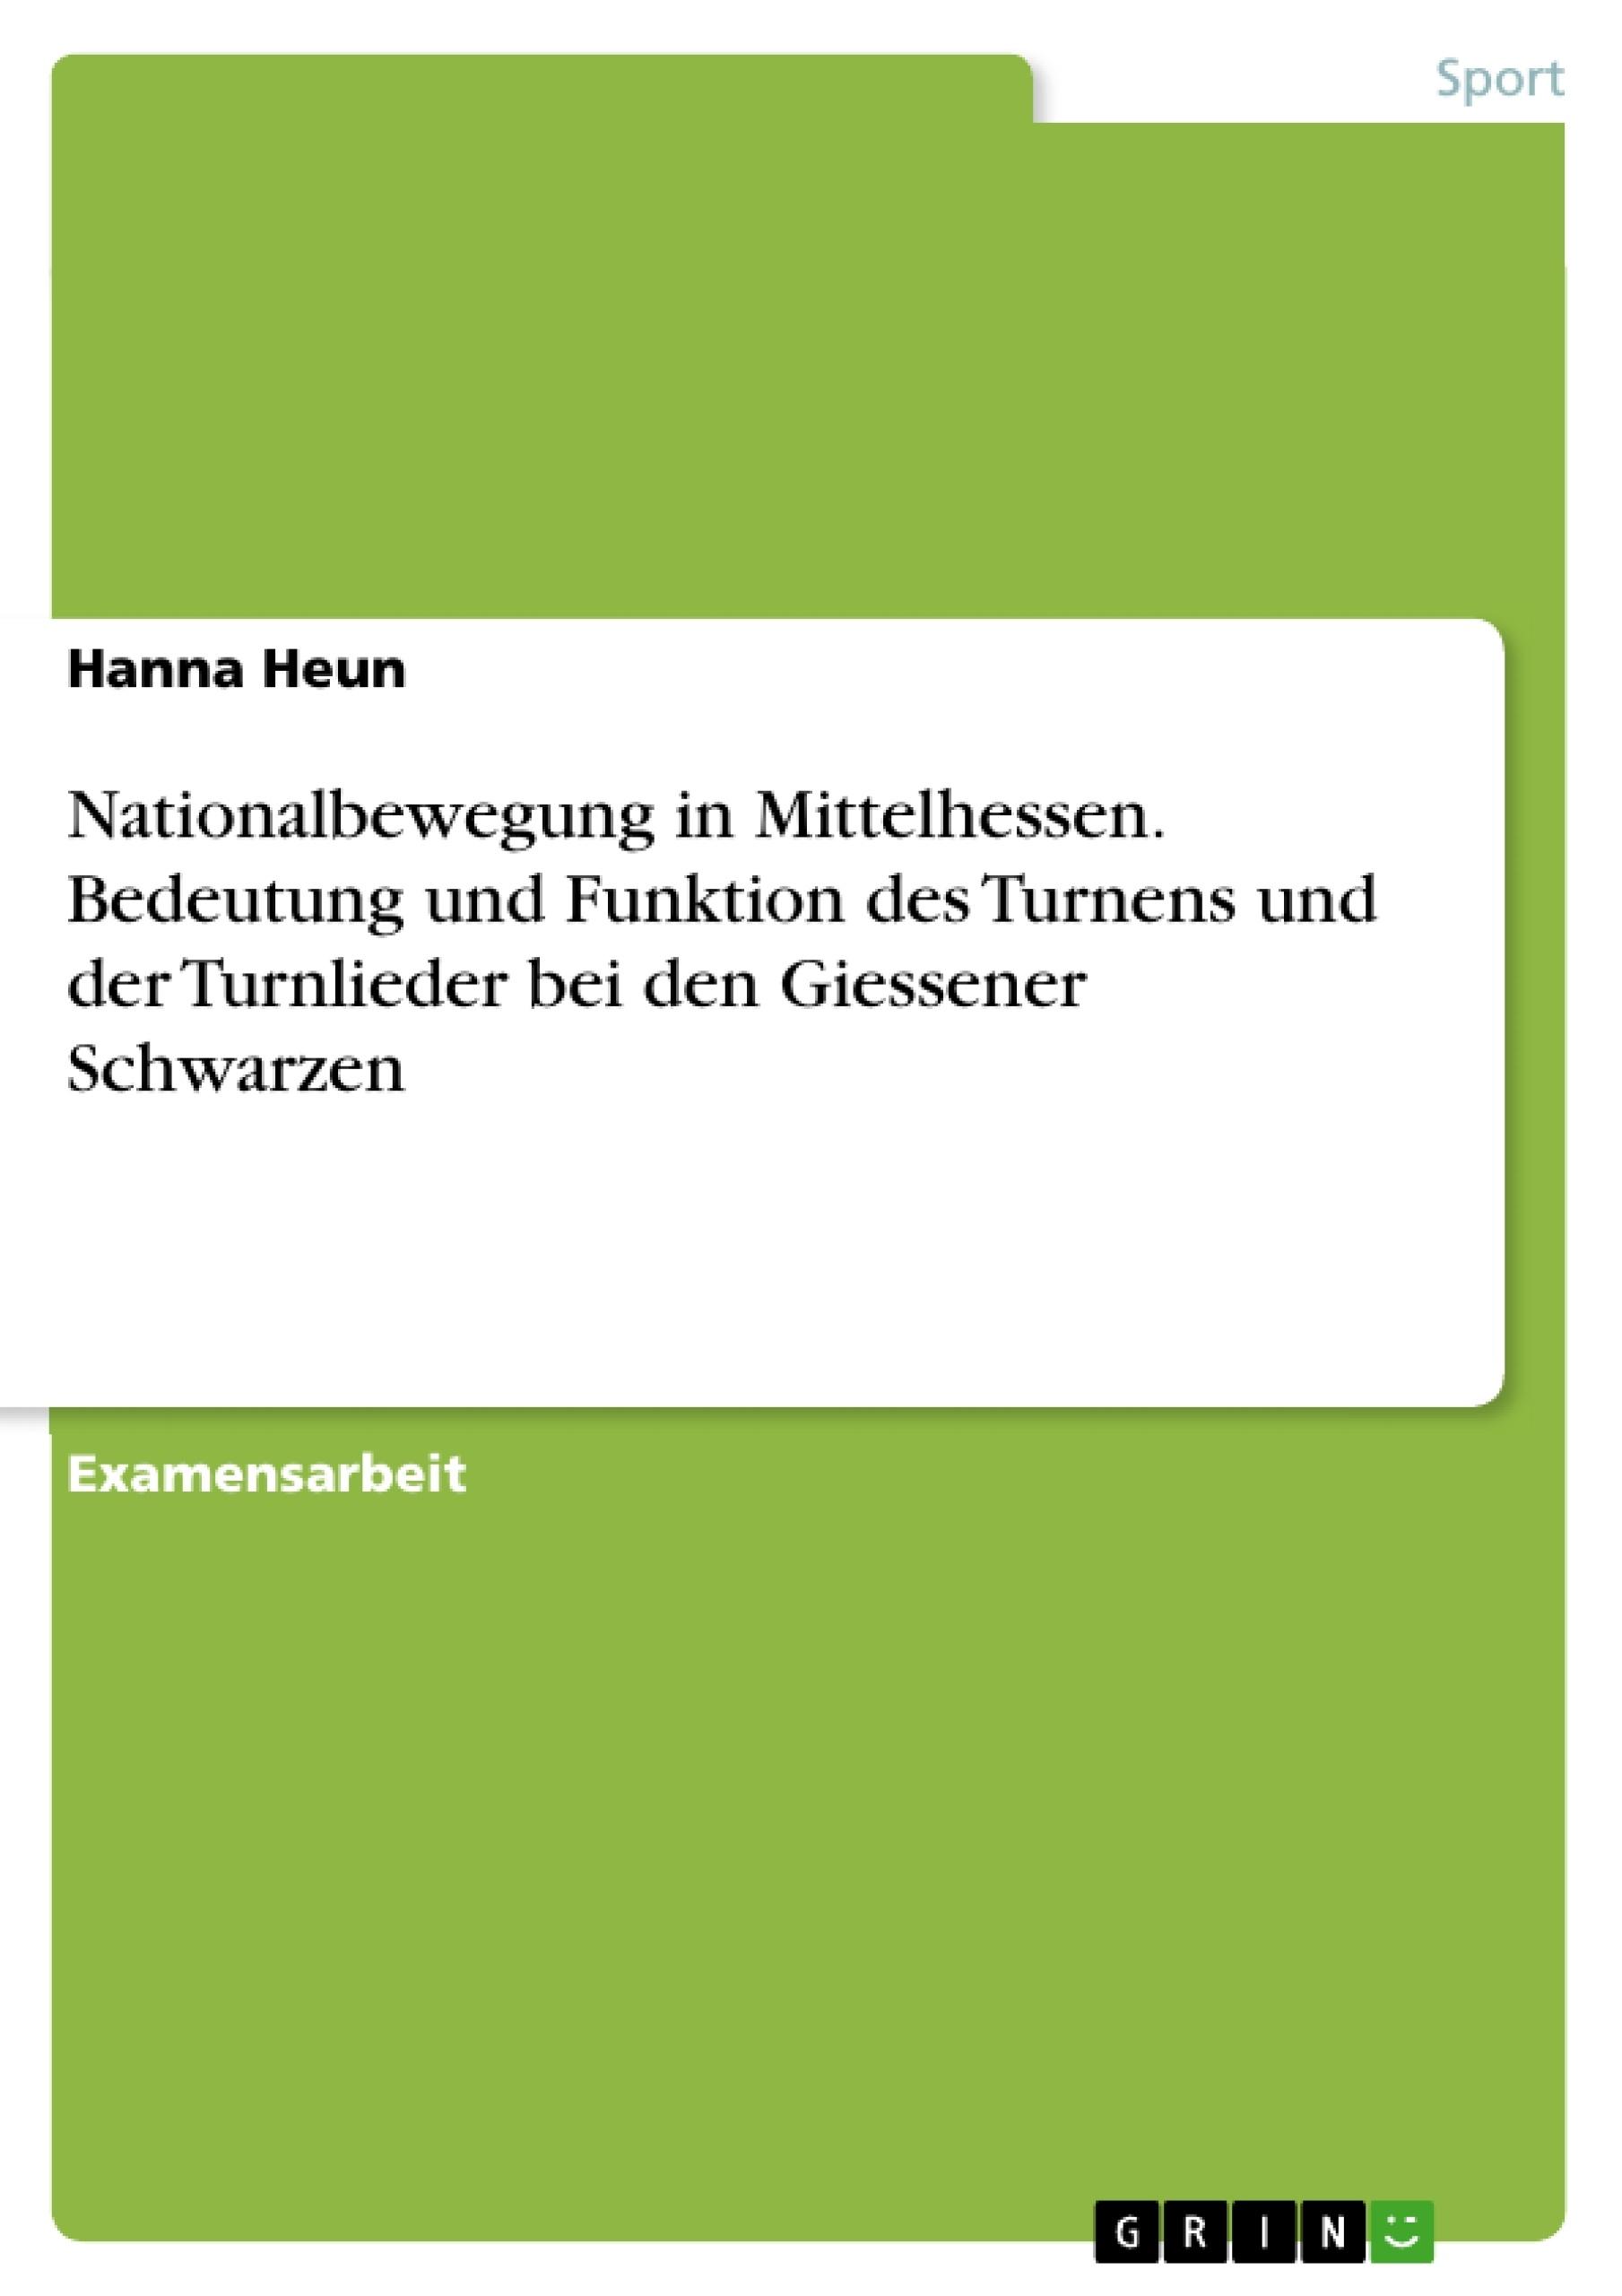 Titel: Nationalbewegung in Mittelhessen. Bedeutung und Funktion des Turnens und der Turnlieder bei den Giessener Schwarzen